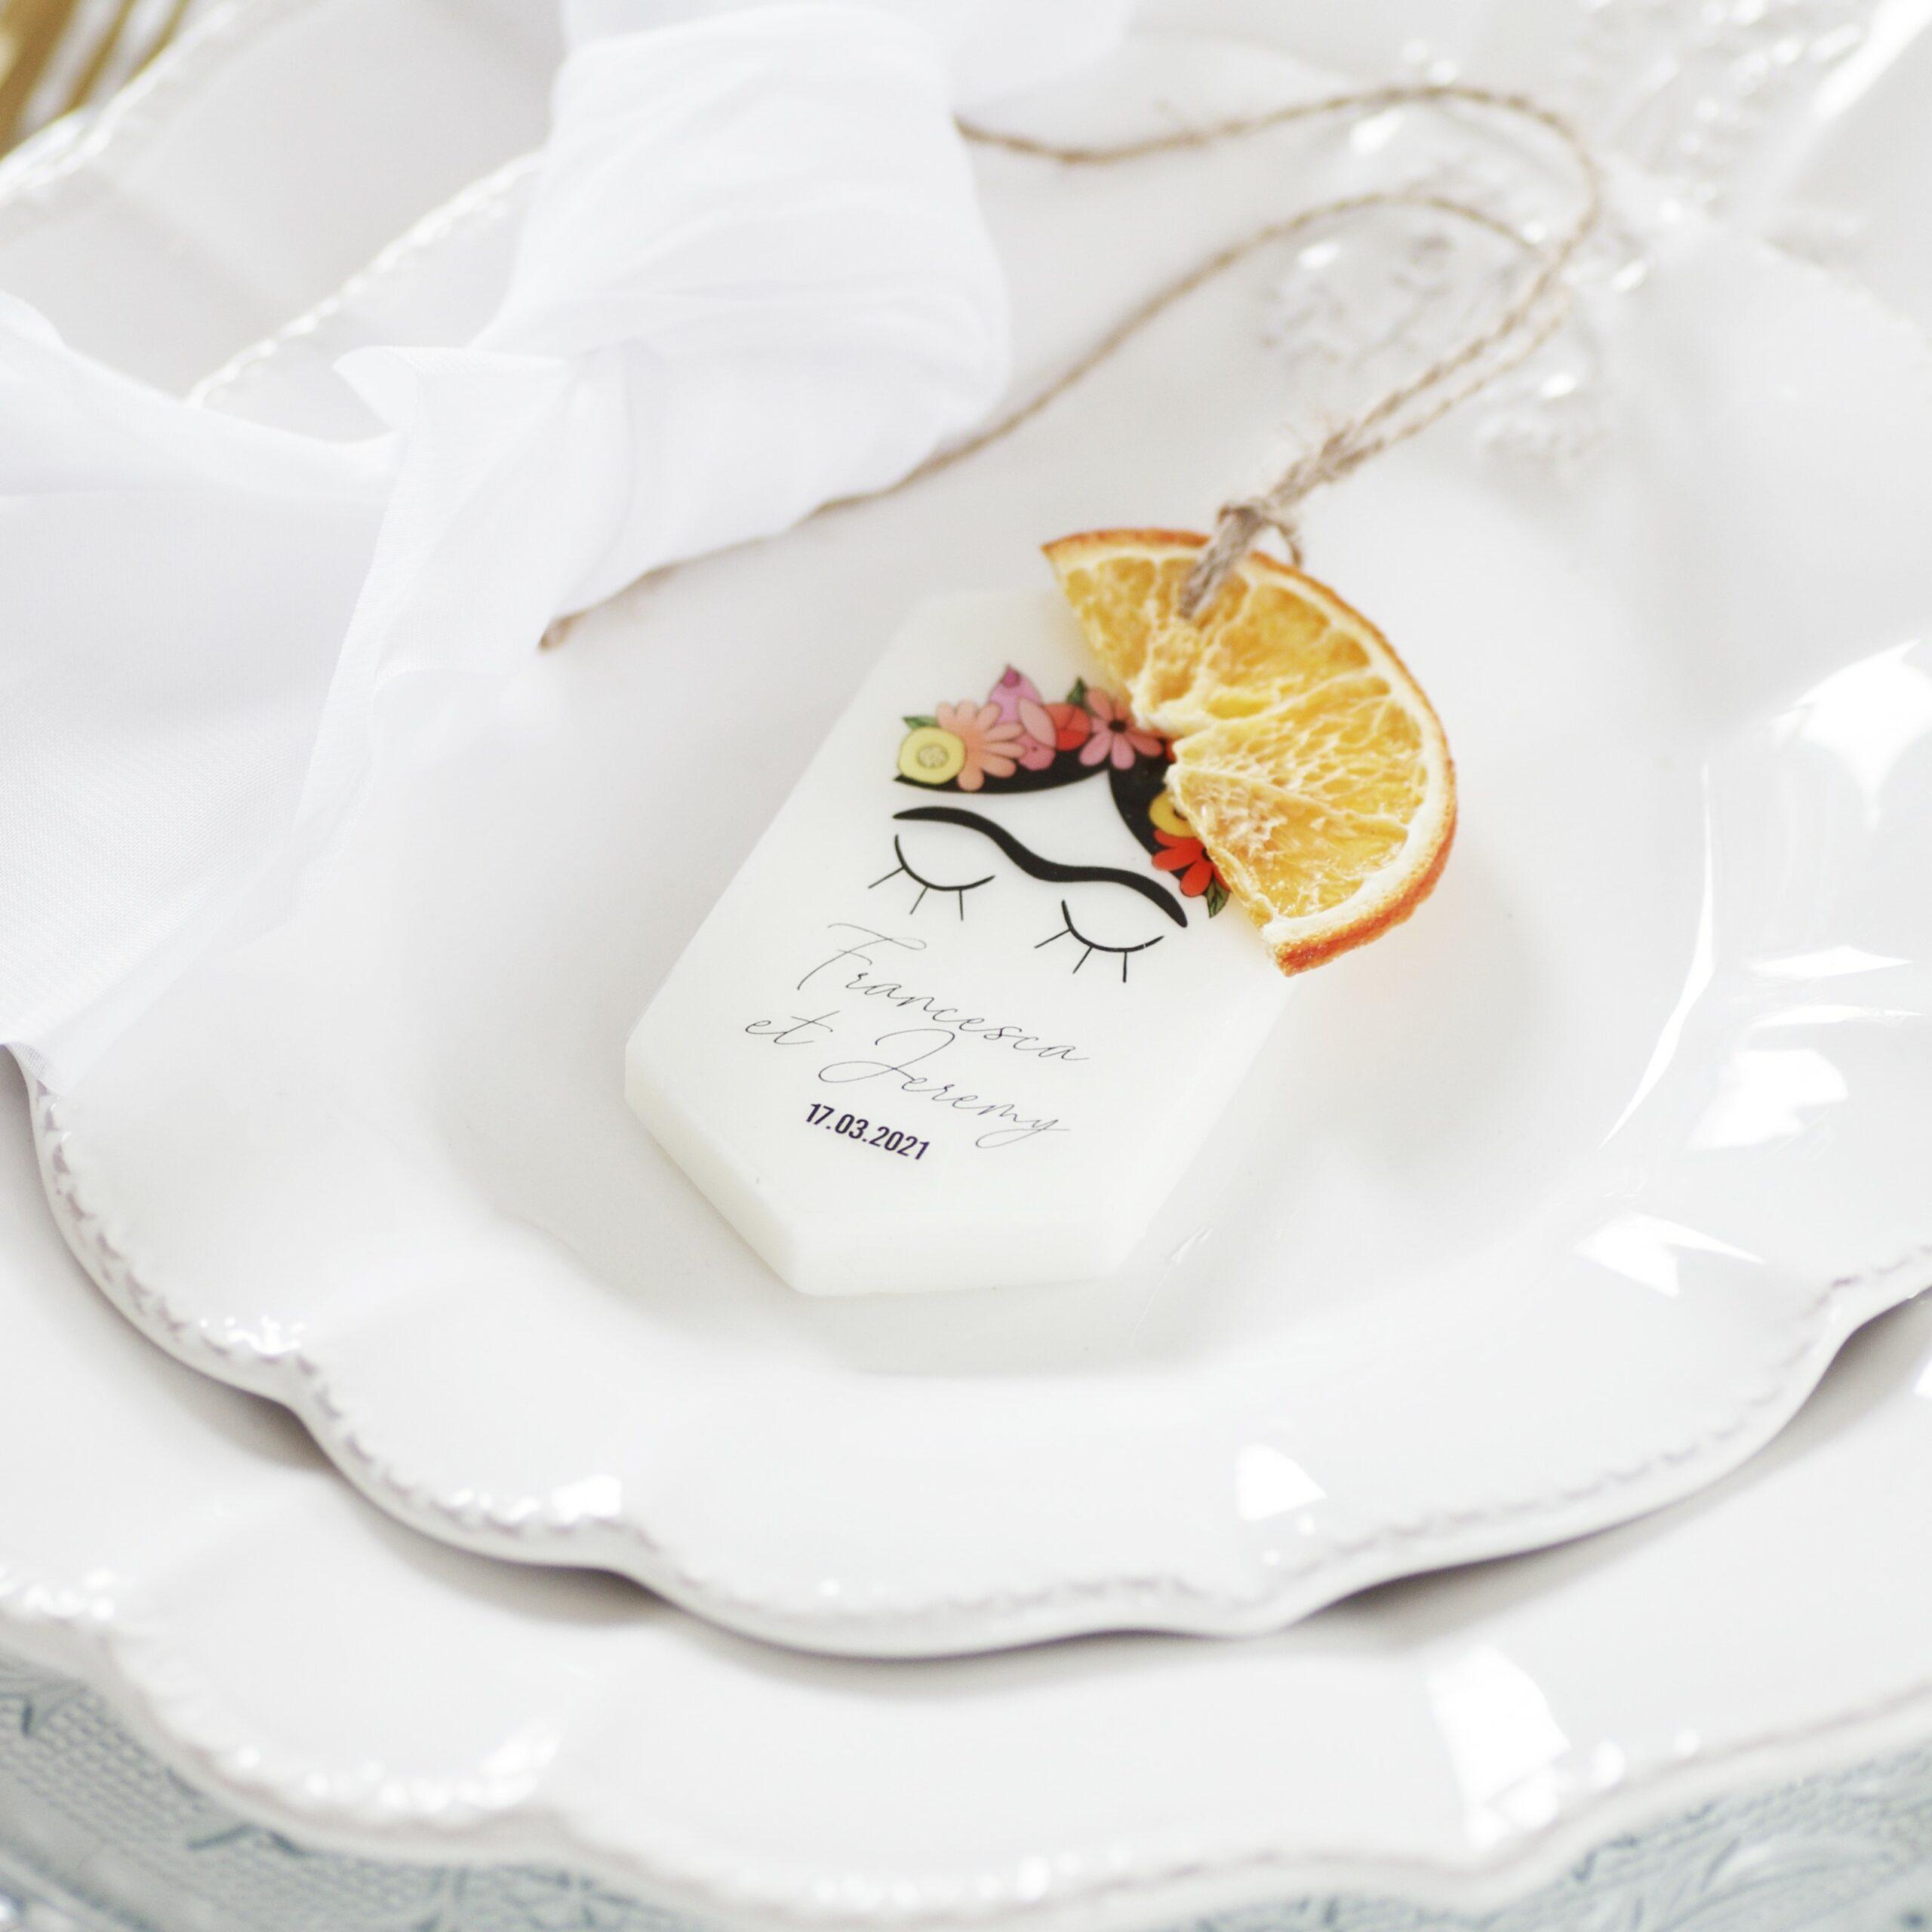 cadeaux-invites-originaux-2022-bougie-parfumee (1) - Copie